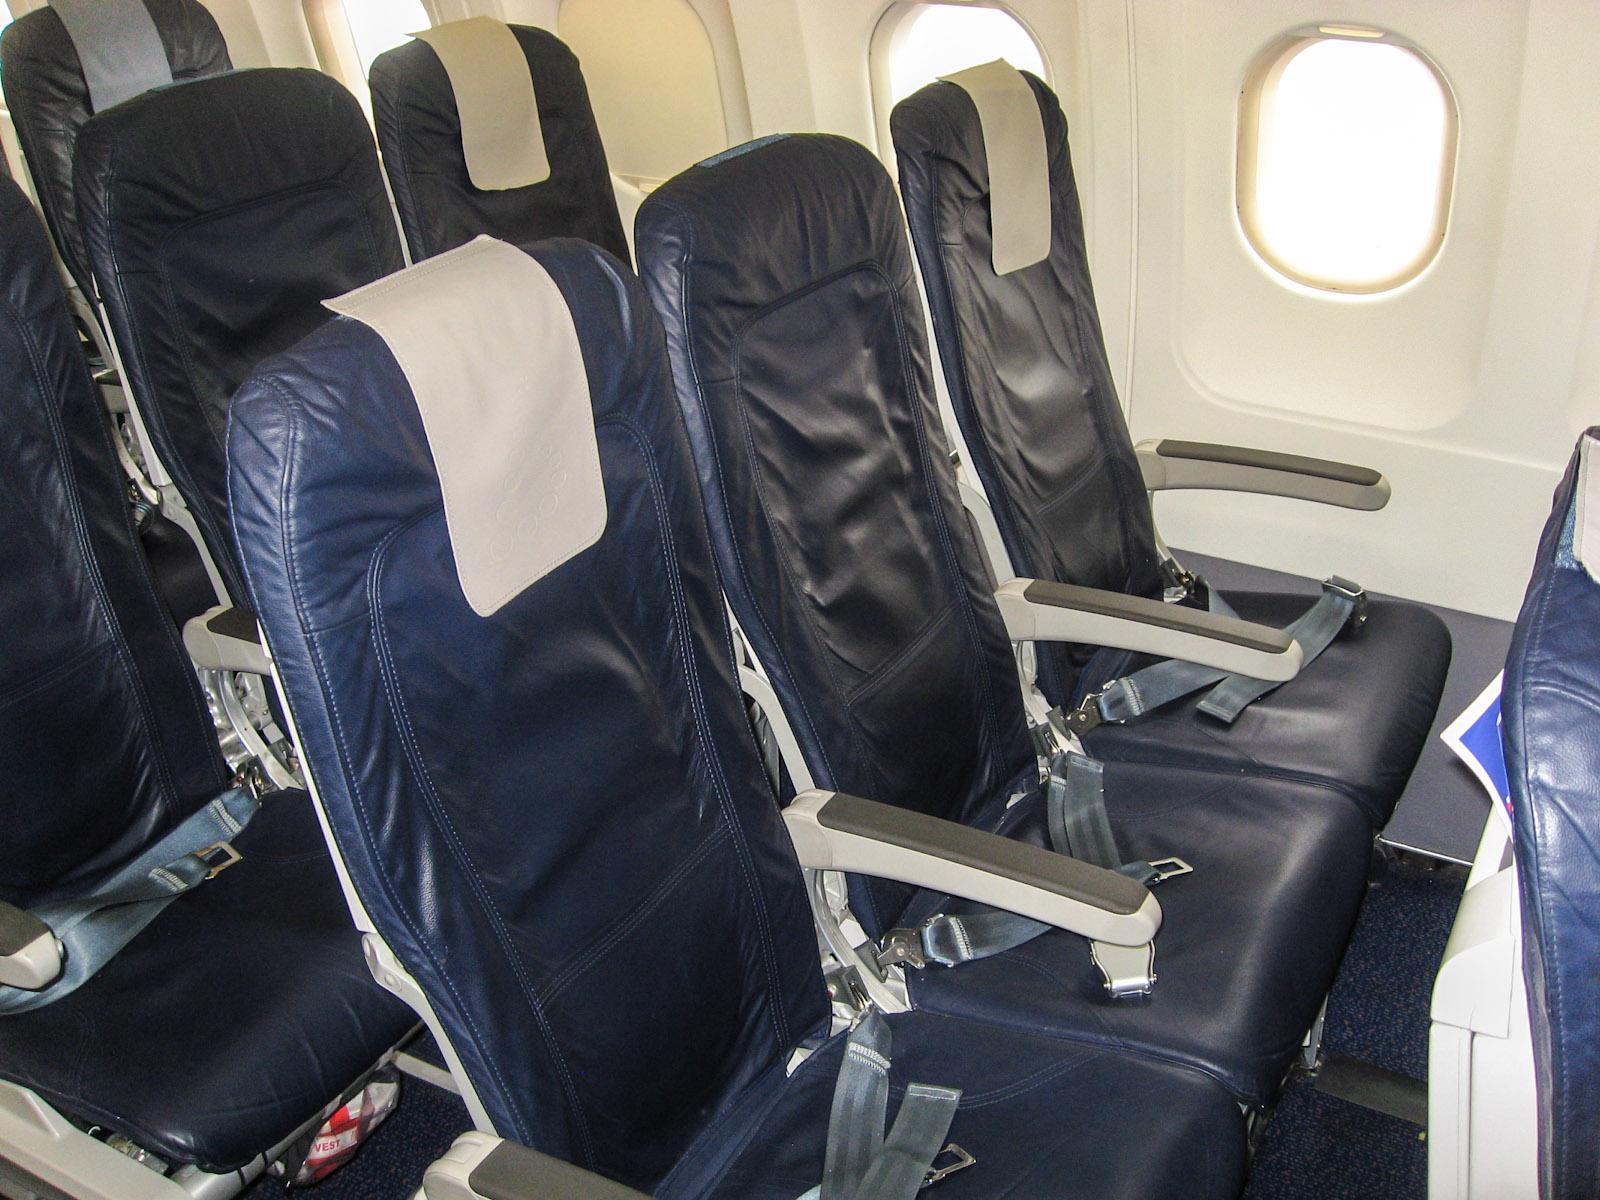 Пассажирские кресла в самолете Airbus A320 Брюссельских авиалиний